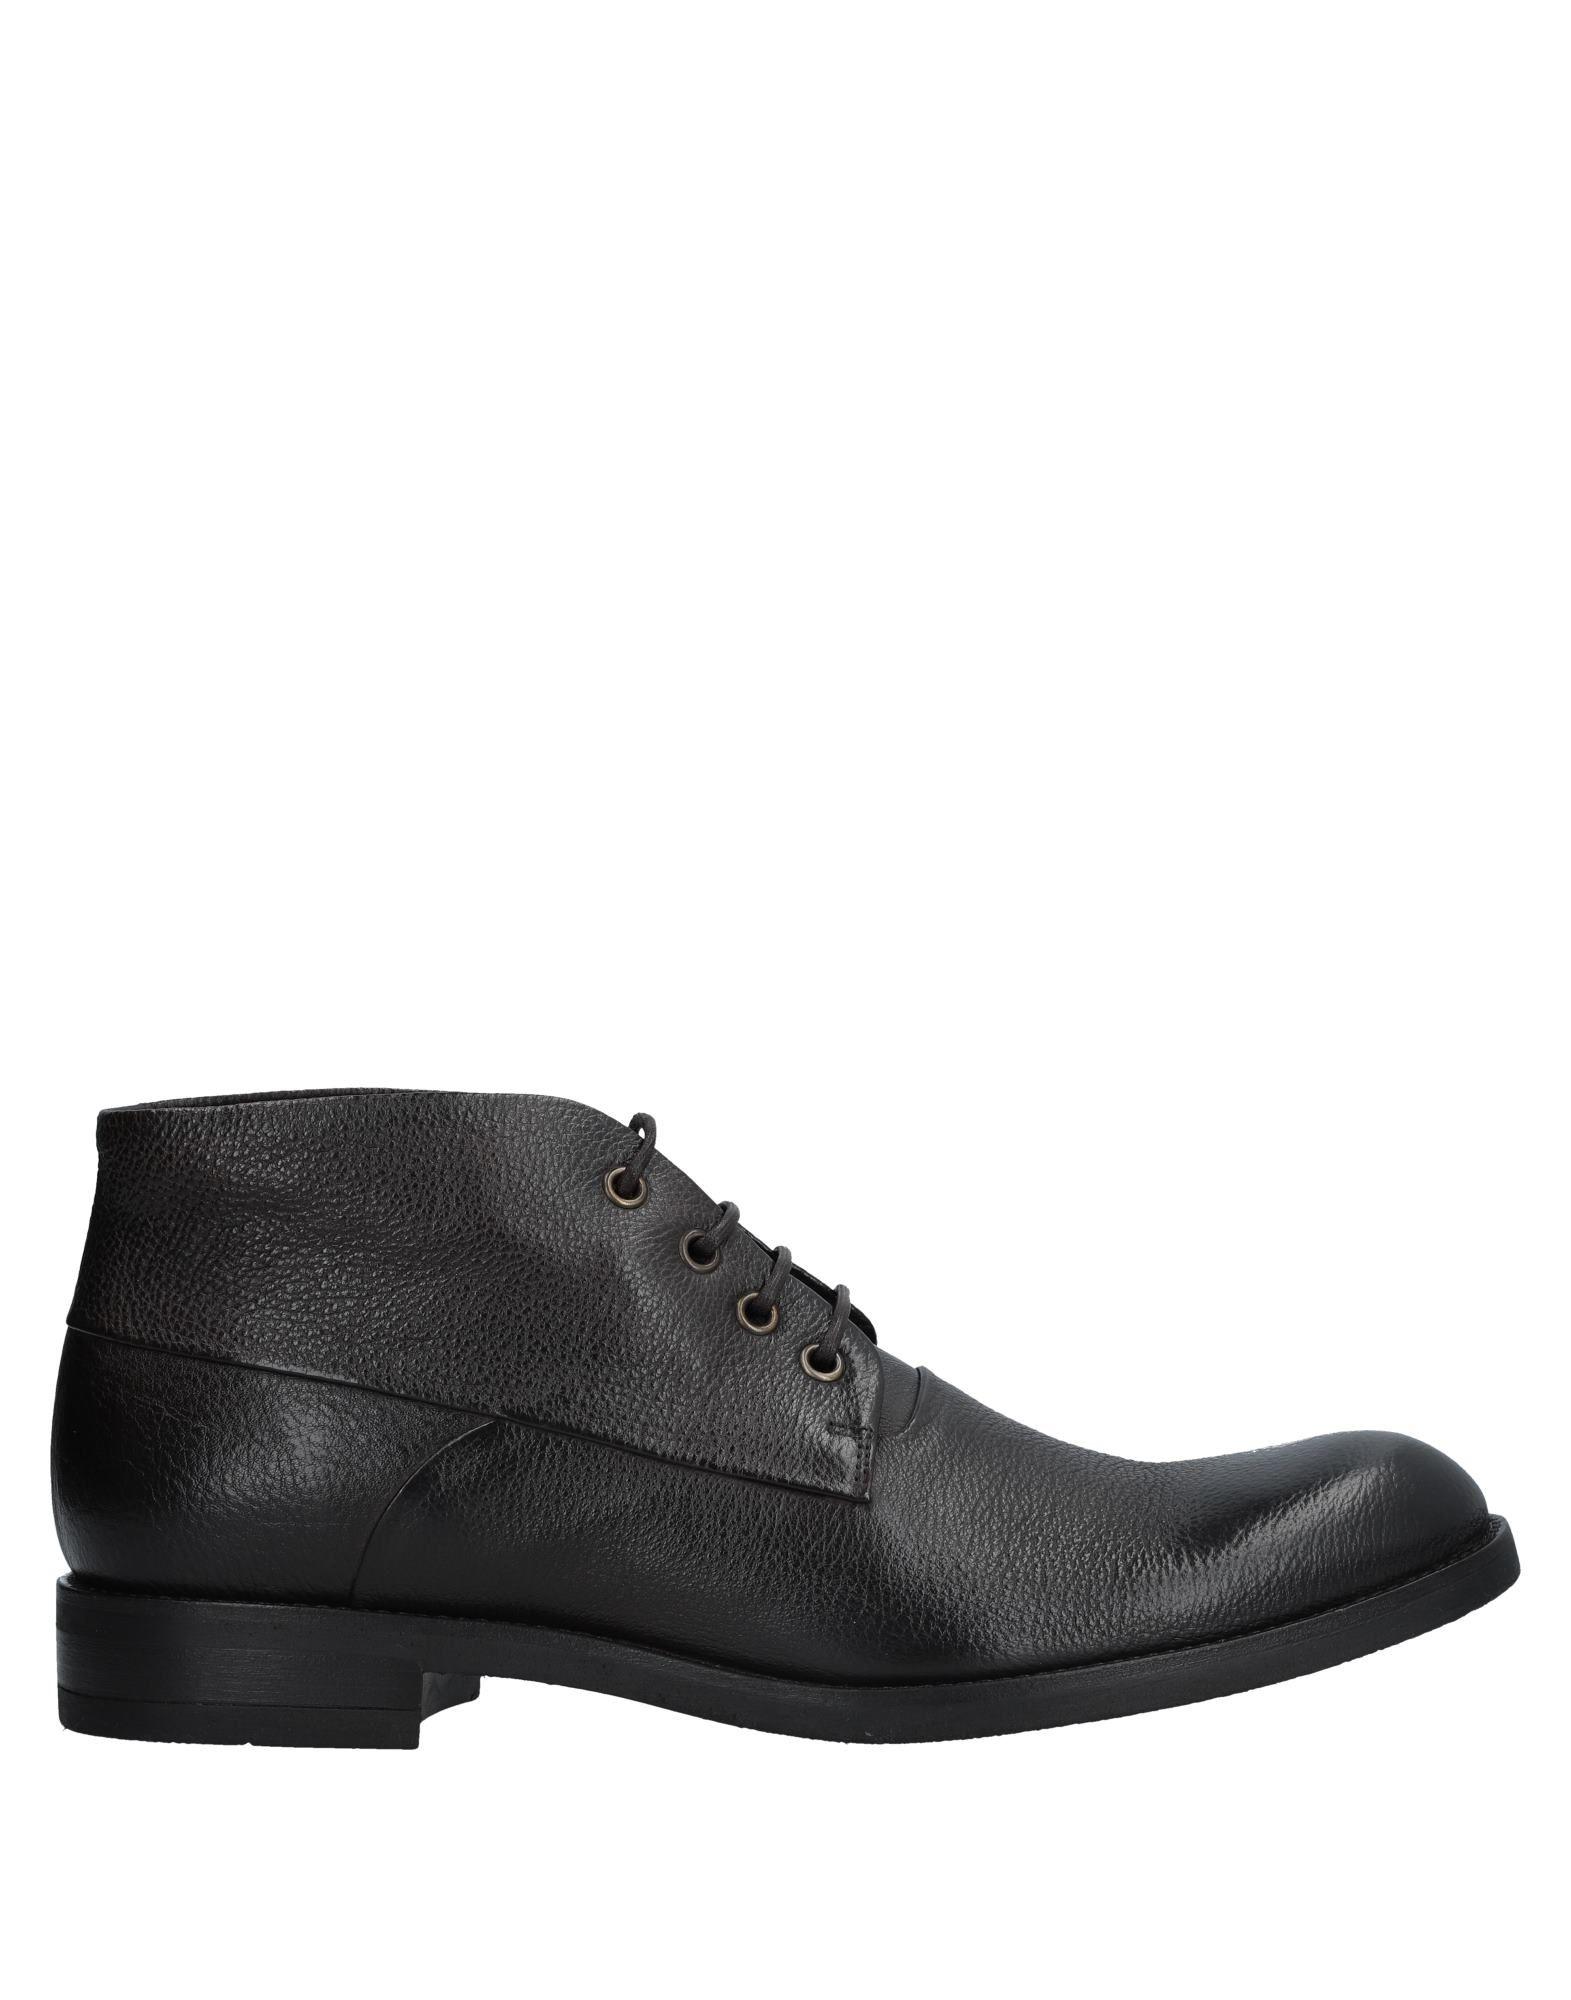 John Varvatos Stiefelette Herren  11536057IQ Gute Qualität beliebte Schuhe